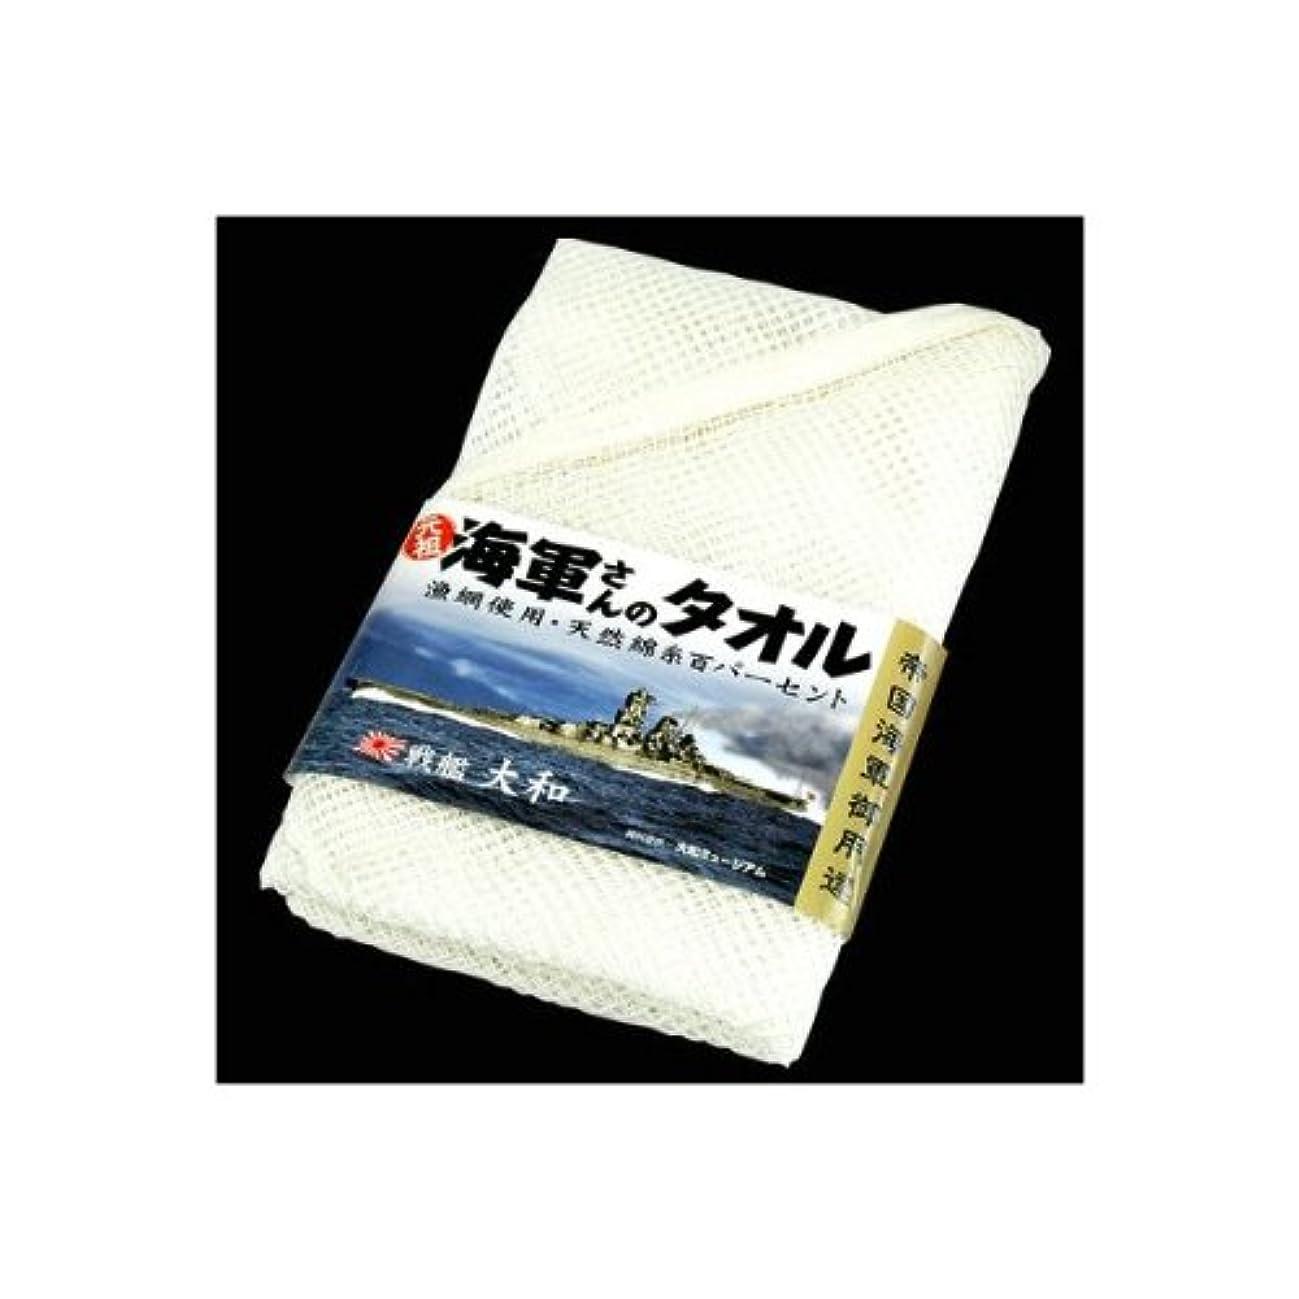 漁網タオル【元祖 海軍さんのタオル(ホワイト)】